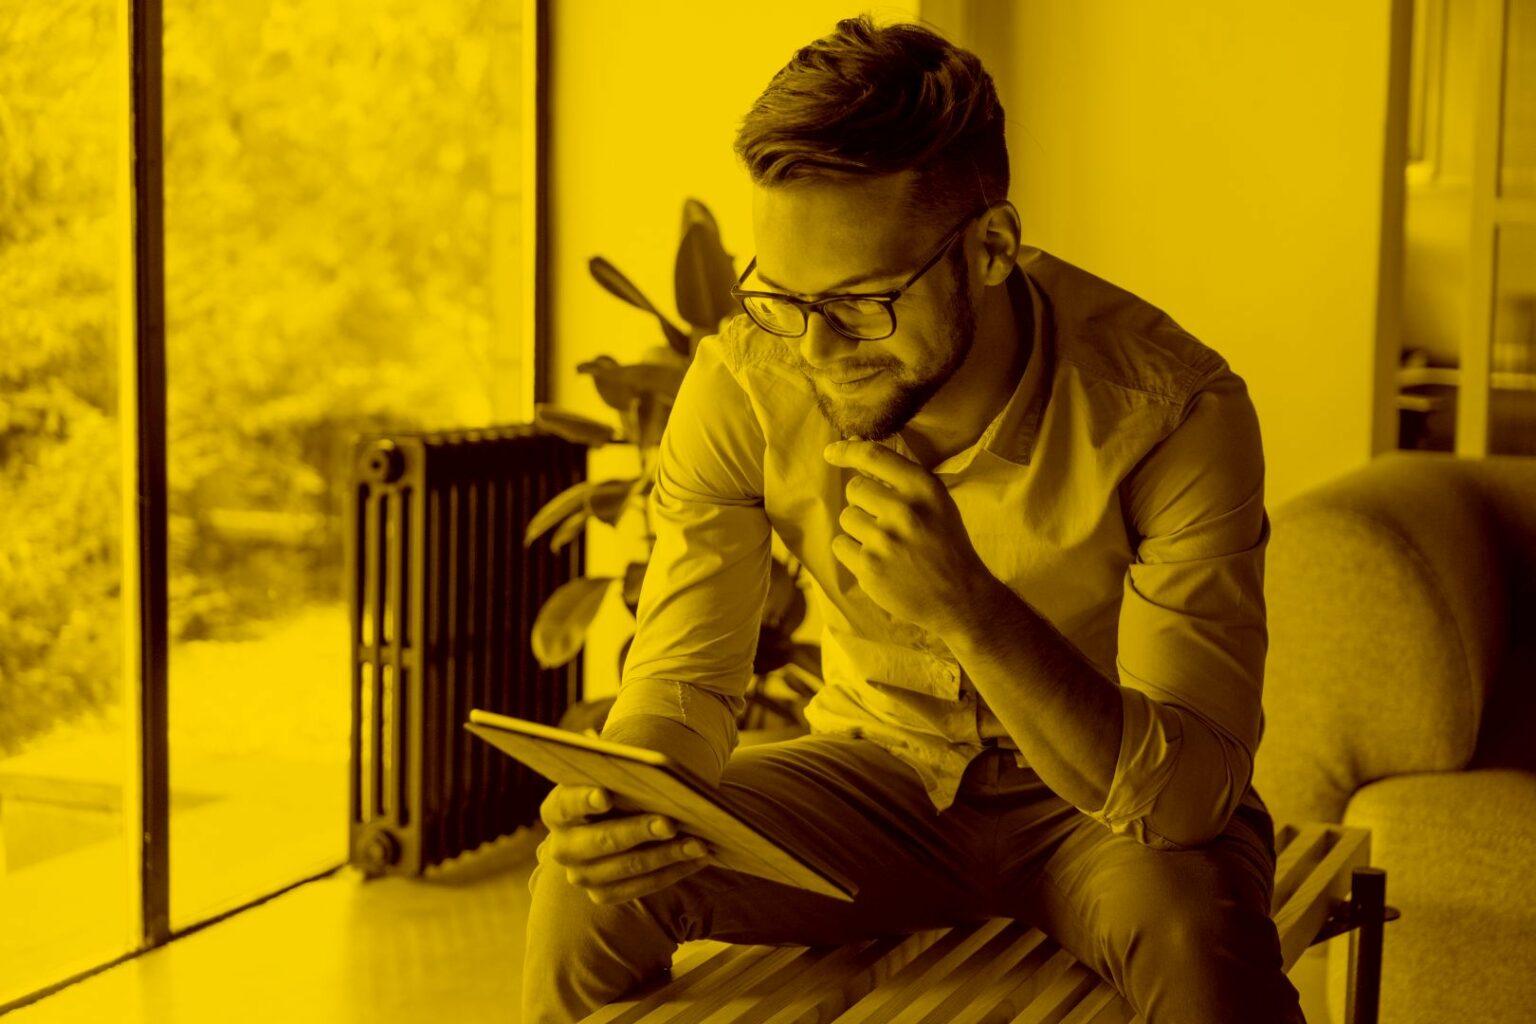 fahrschullehrer- arbeitet-am- tablet-mit-dem- fahrschulmanager-in-der- maja.cloud